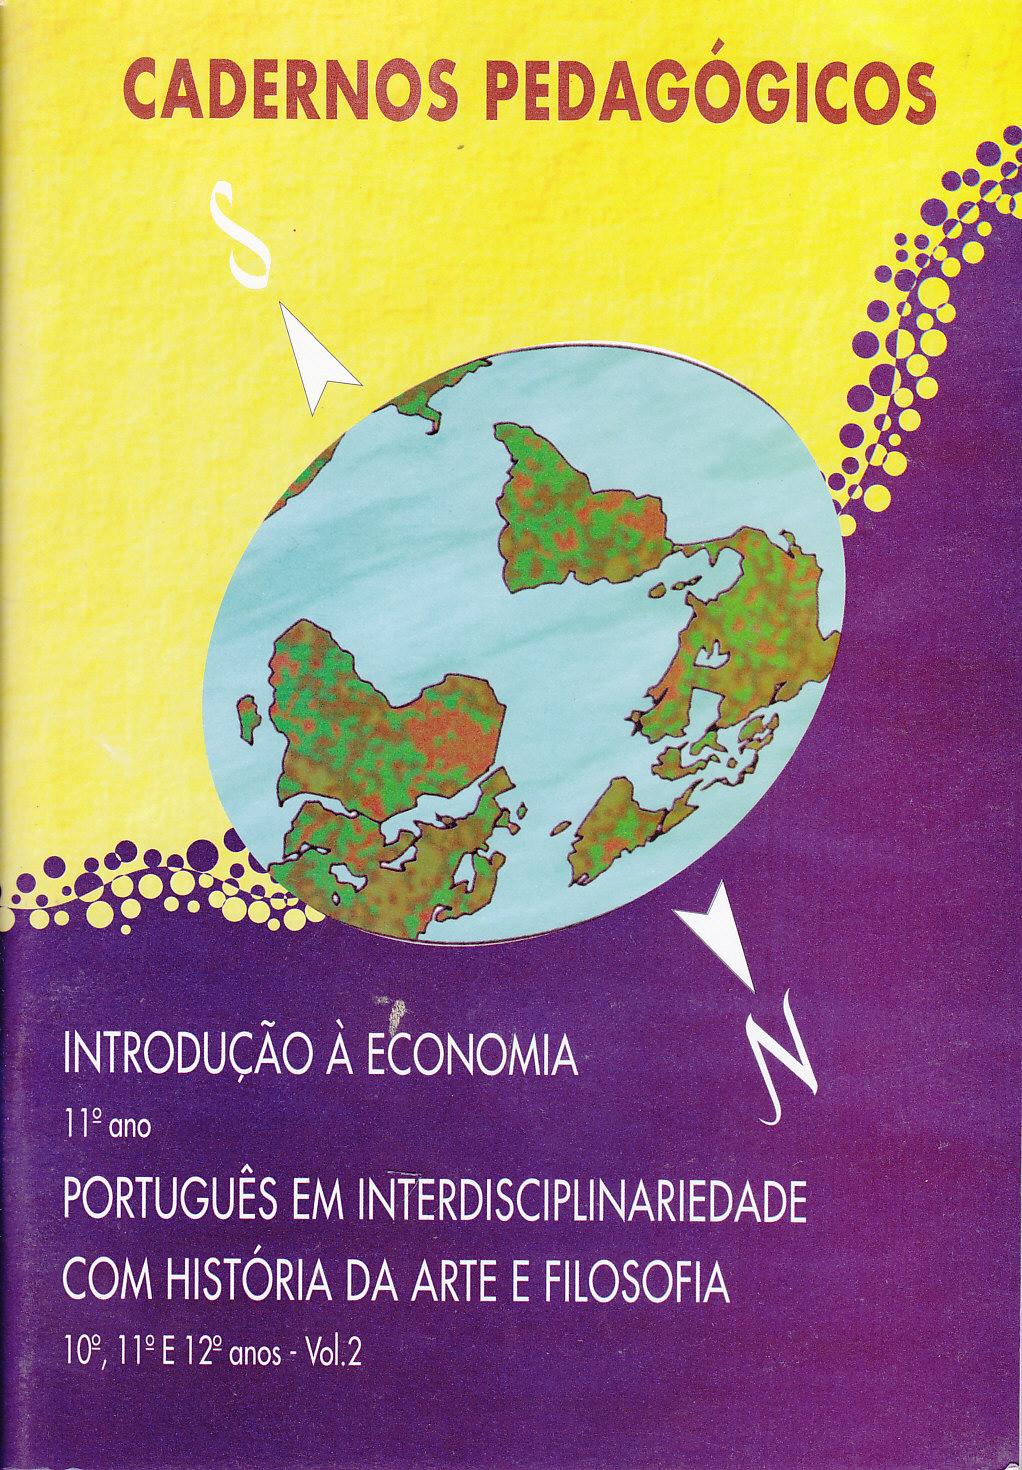 SOS_cad_pedagogico_0001